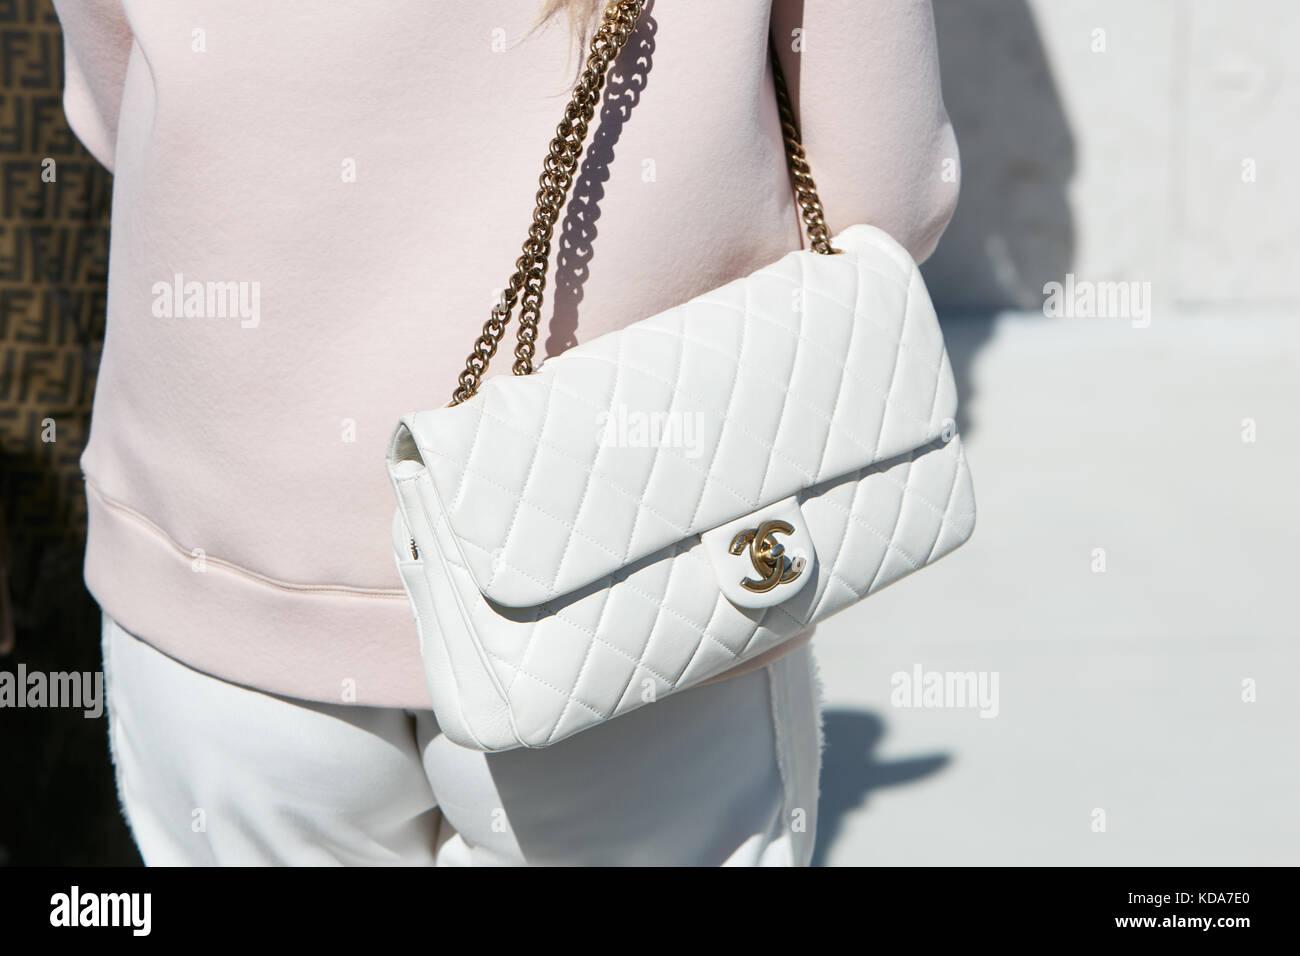 e79b81c4c Milán - 20 de septiembre: mujer con bolsa de cuero de chanel blanco y rosa